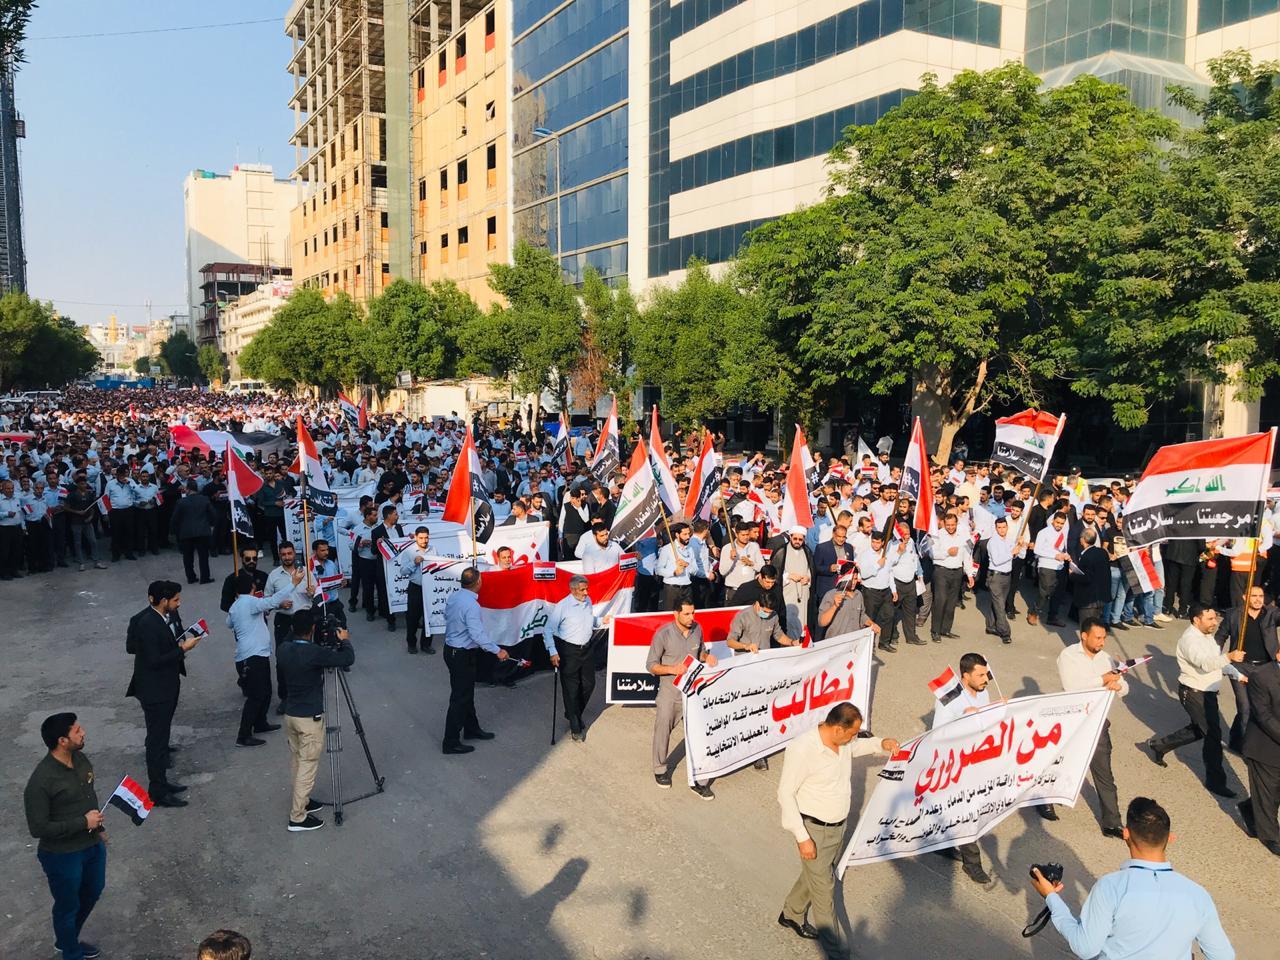 آیا وساطت ایران اوضاع عراق را آرام میکند؟